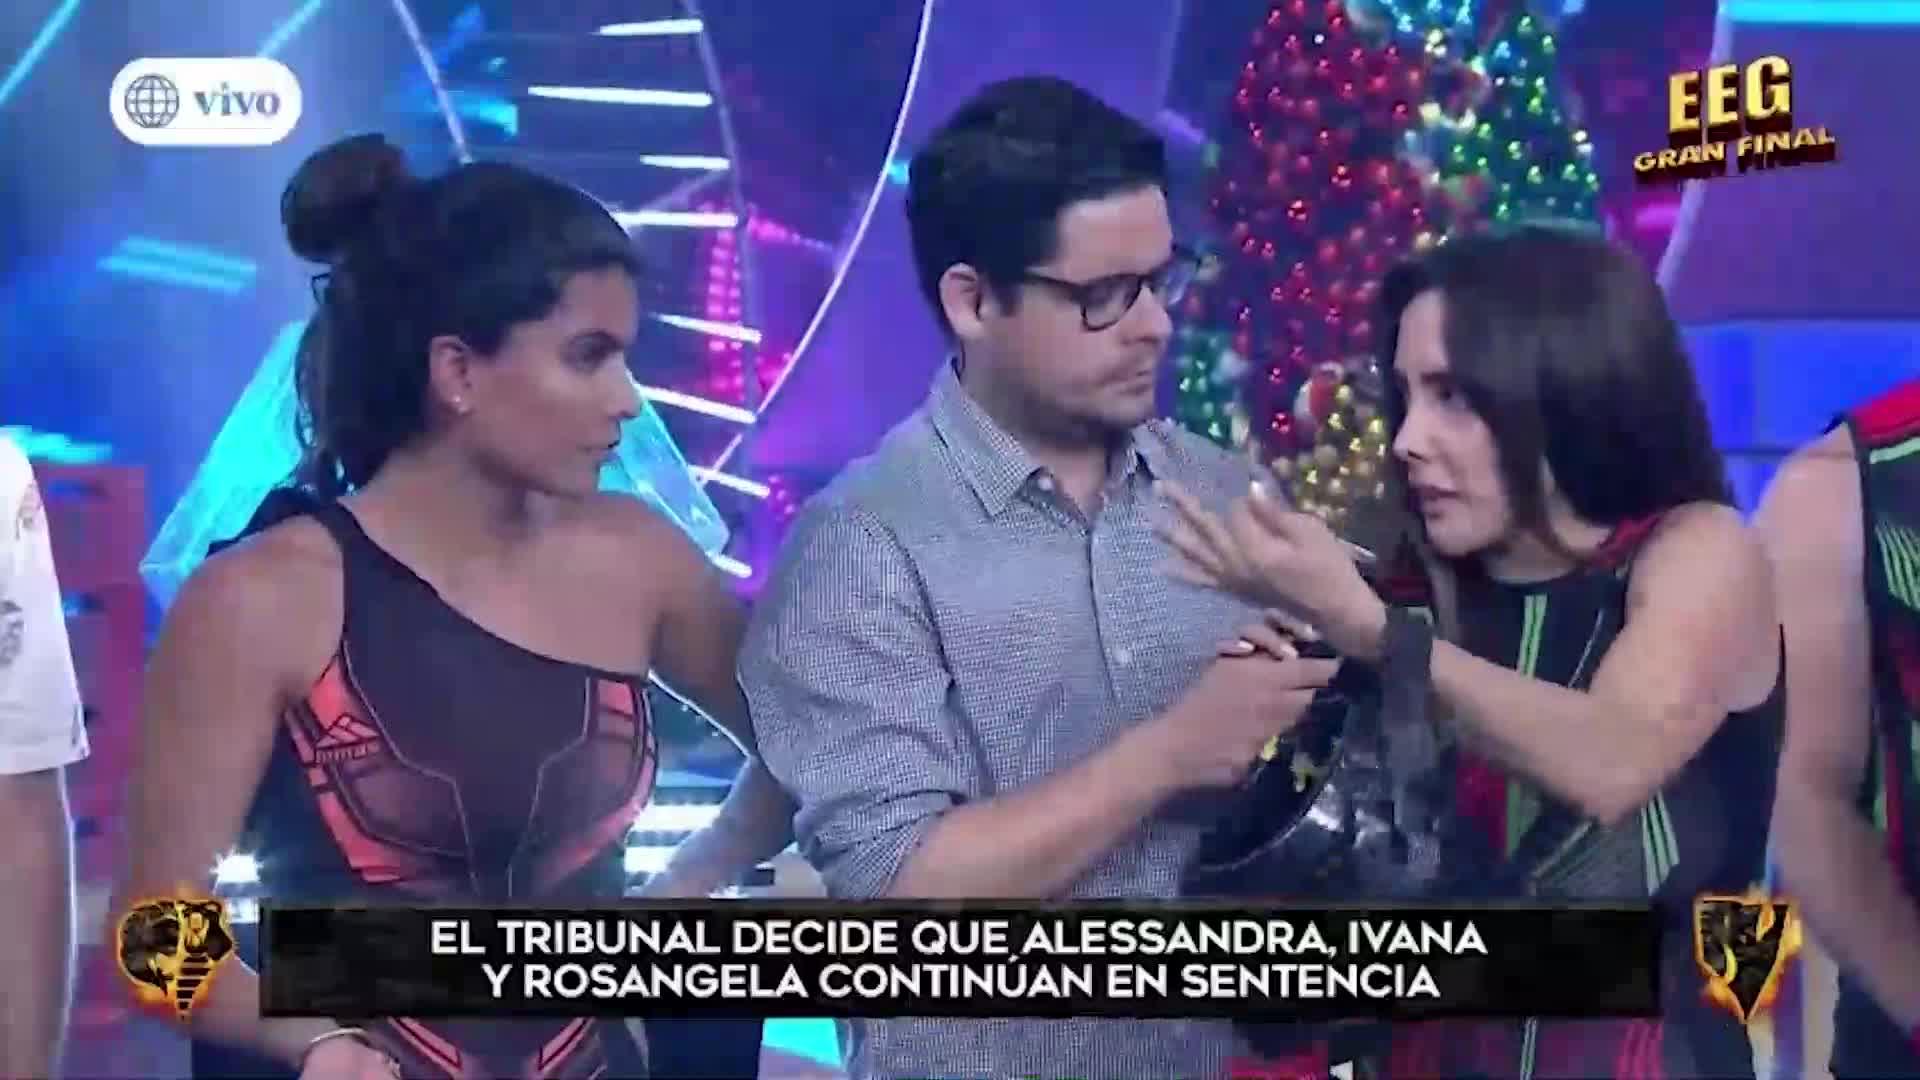 Rosángela Espinoza se molestó con la producción de 'EEG' al no eliminar a Ivana Yturbe